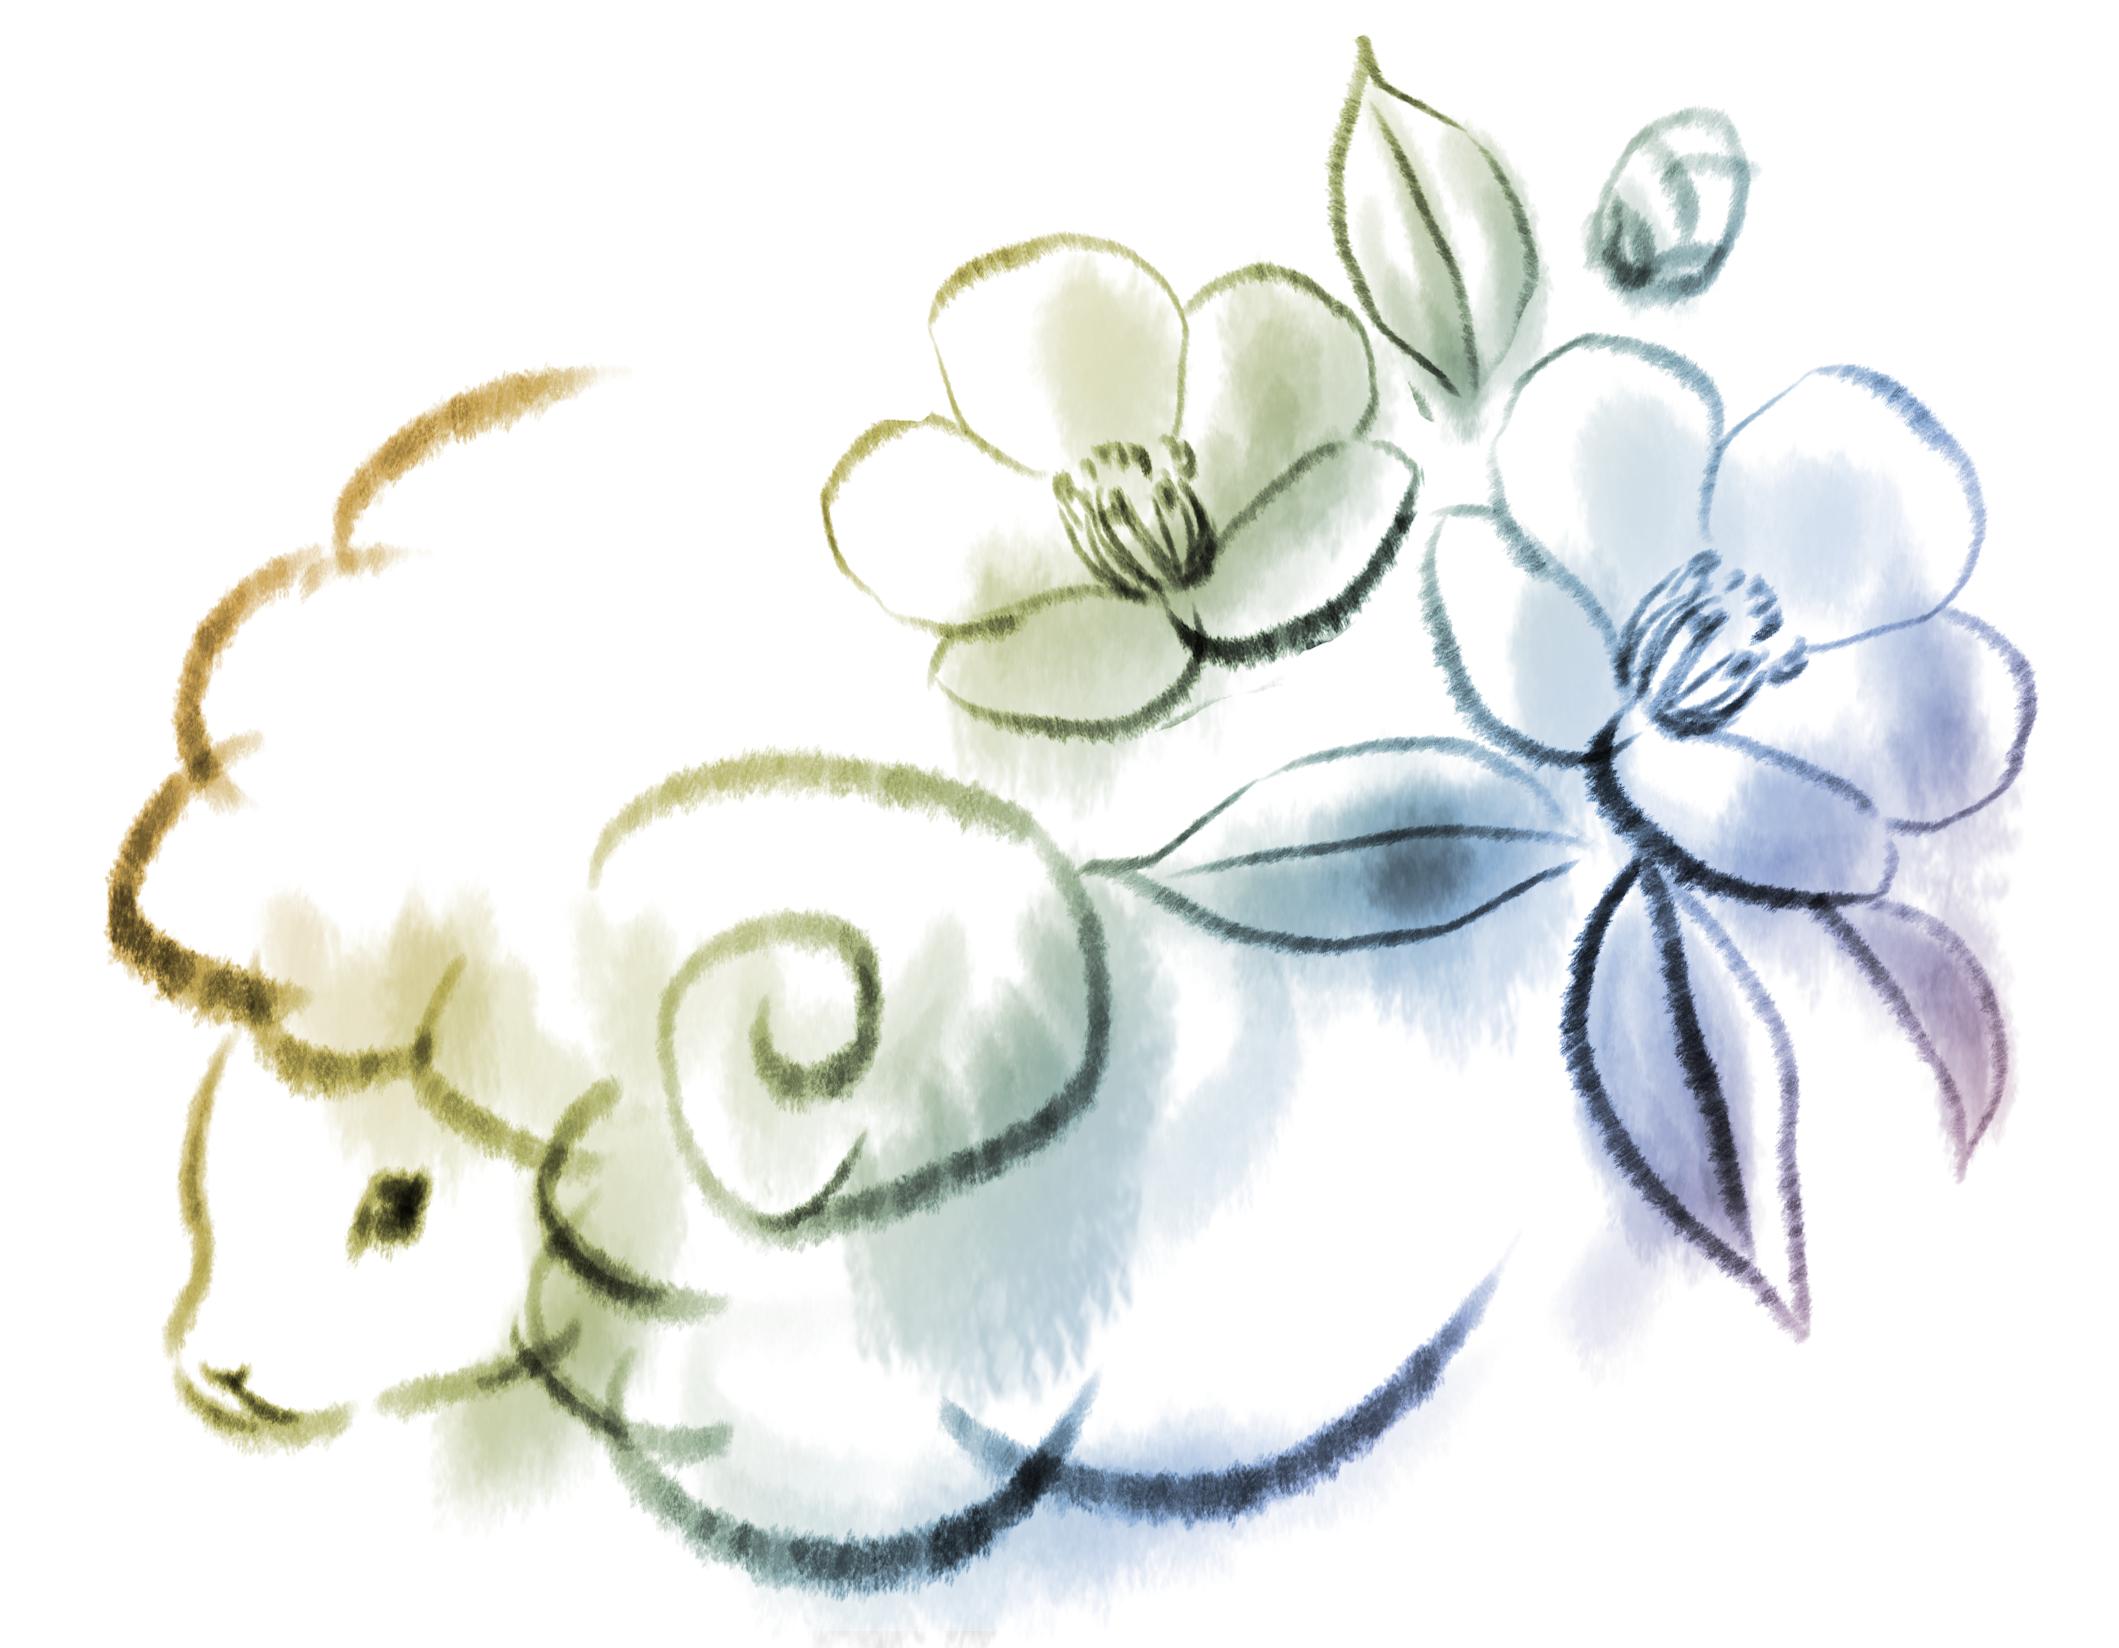 Poi Poi Background : 羊 年賀状 2015 : 年賀状